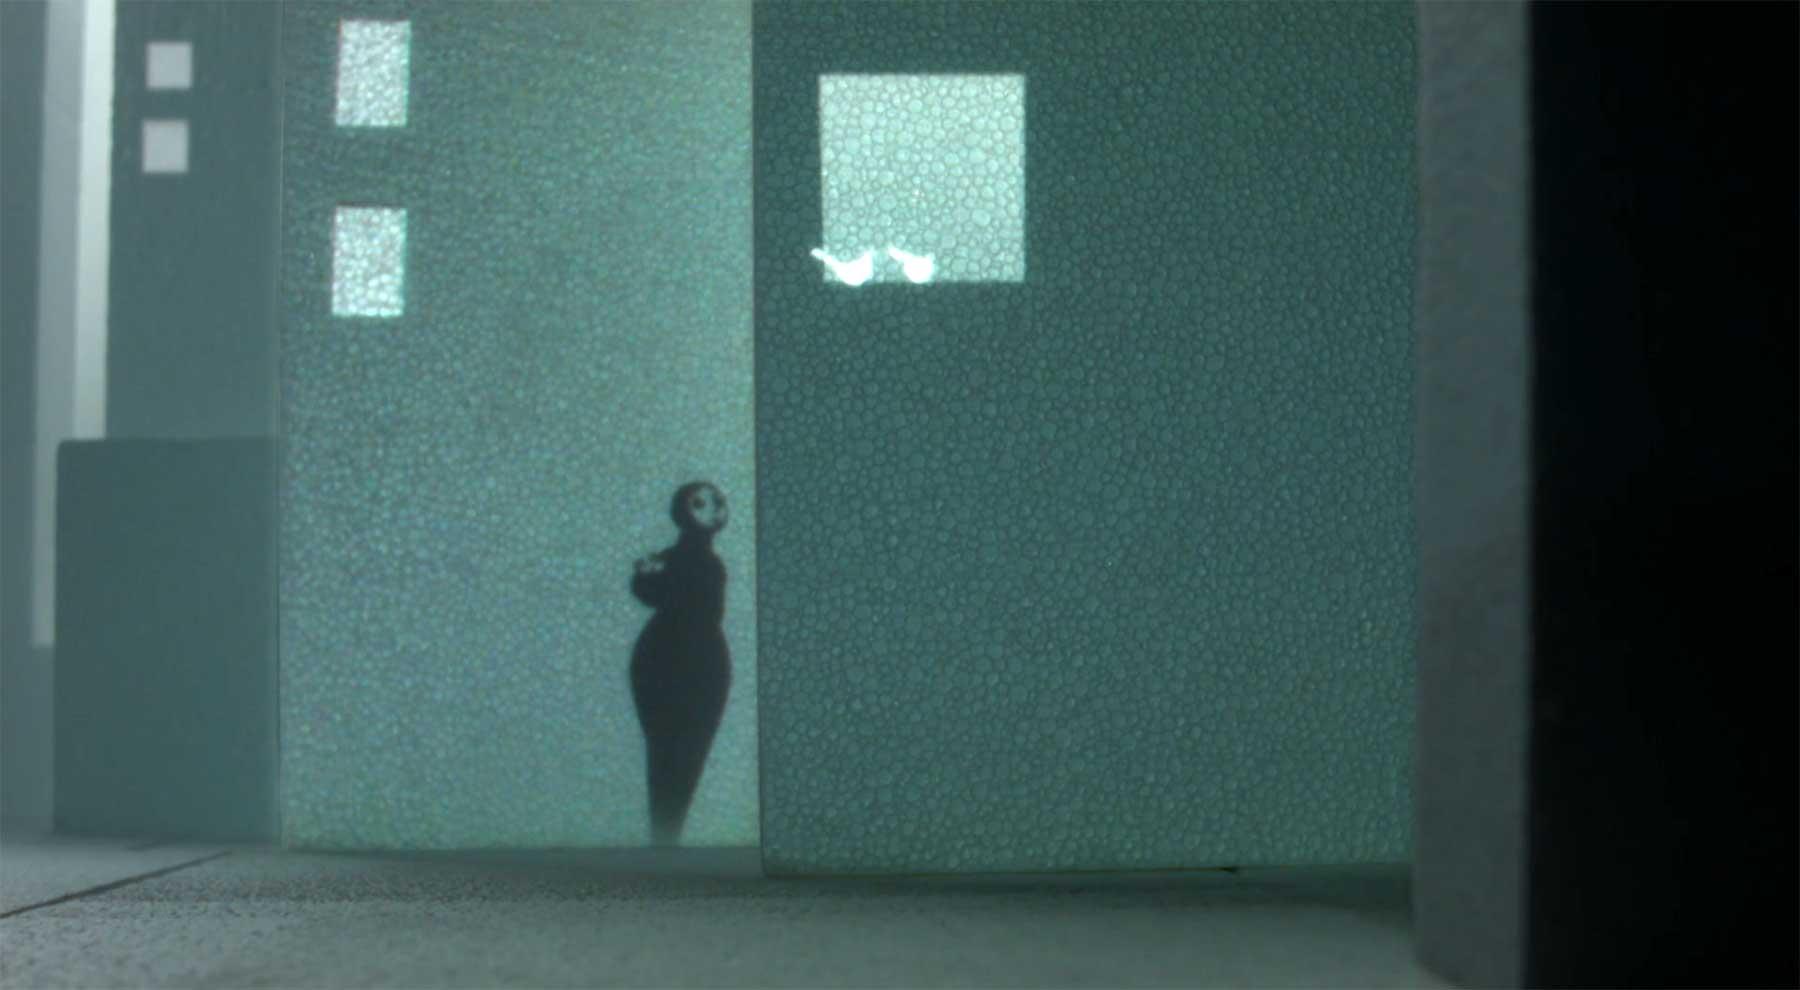 Projektionskurzfilm mit Schattenpuppen: Mamoon